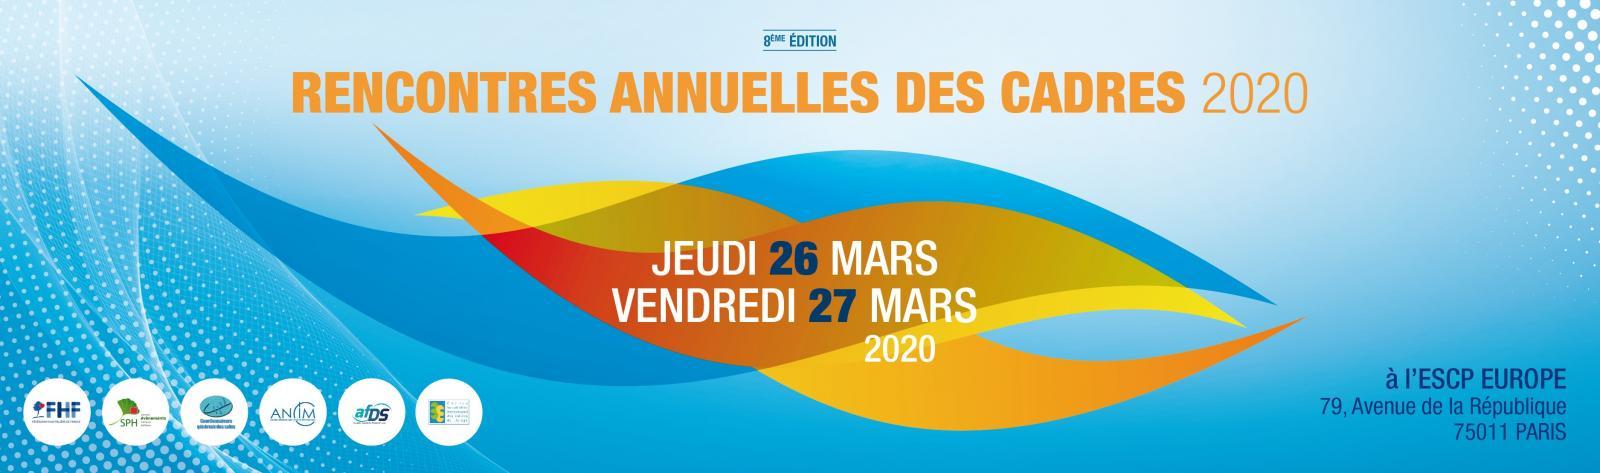 Rencontre annuelle des cadres 2020